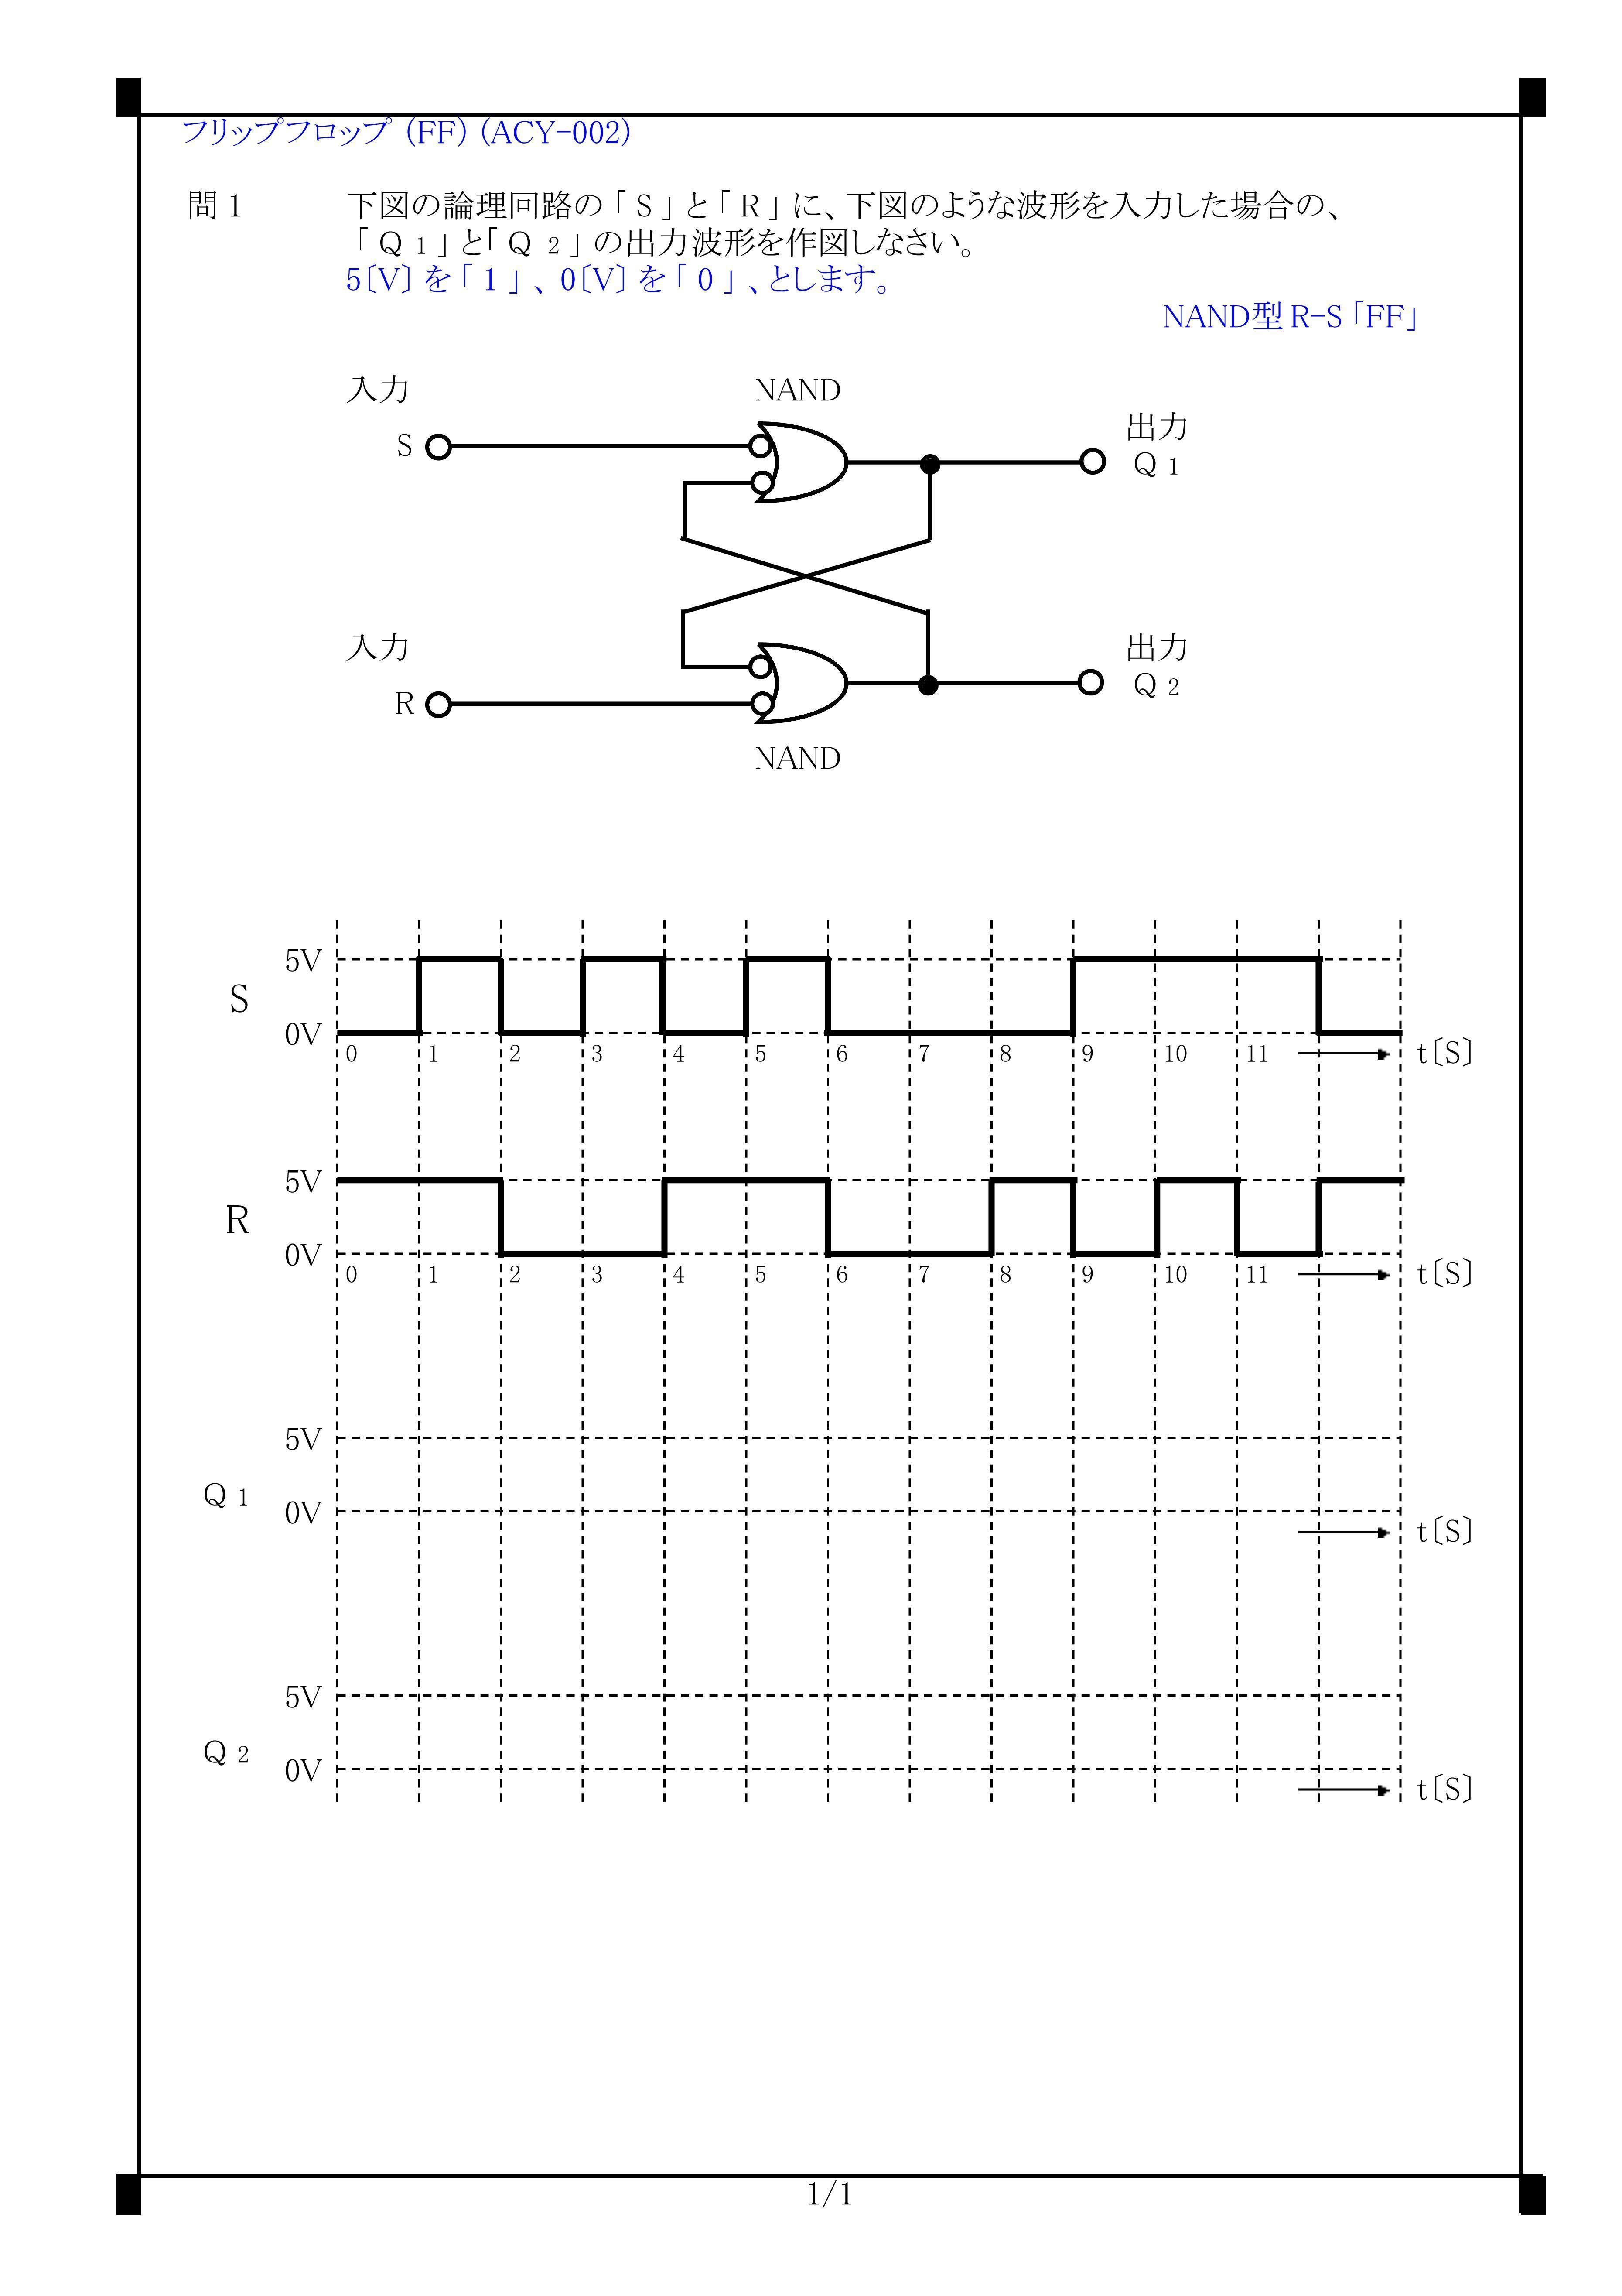 ACY-002)RSフリップフロップの動作(RS_FF・NAND型RSフリップフロップ ...